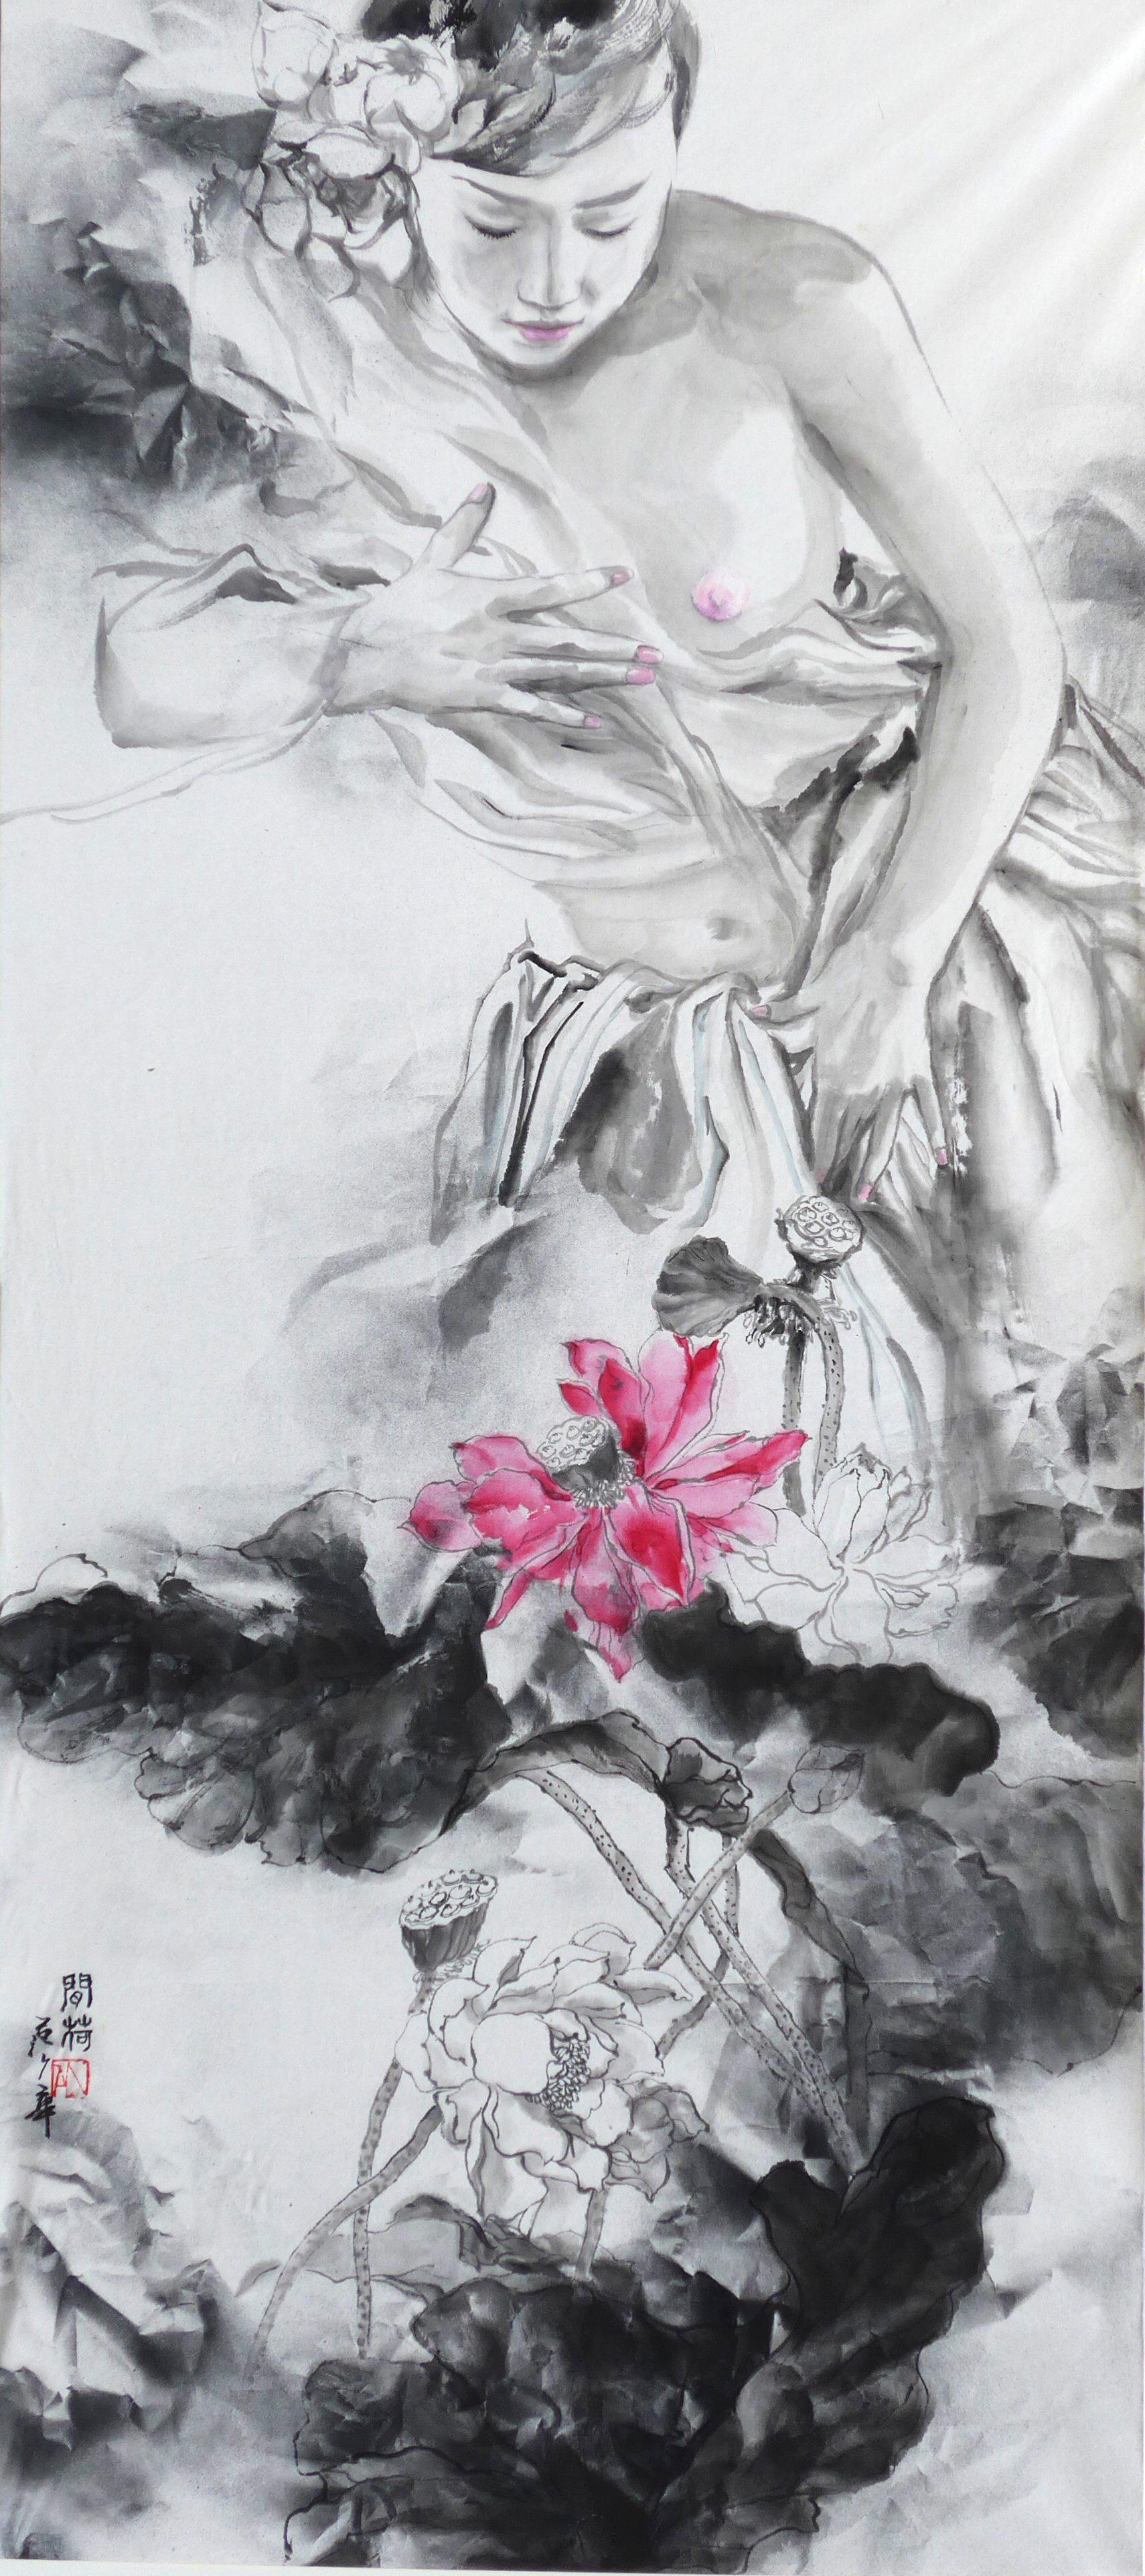 Artist Fan Shao Hua Artwork on Sale